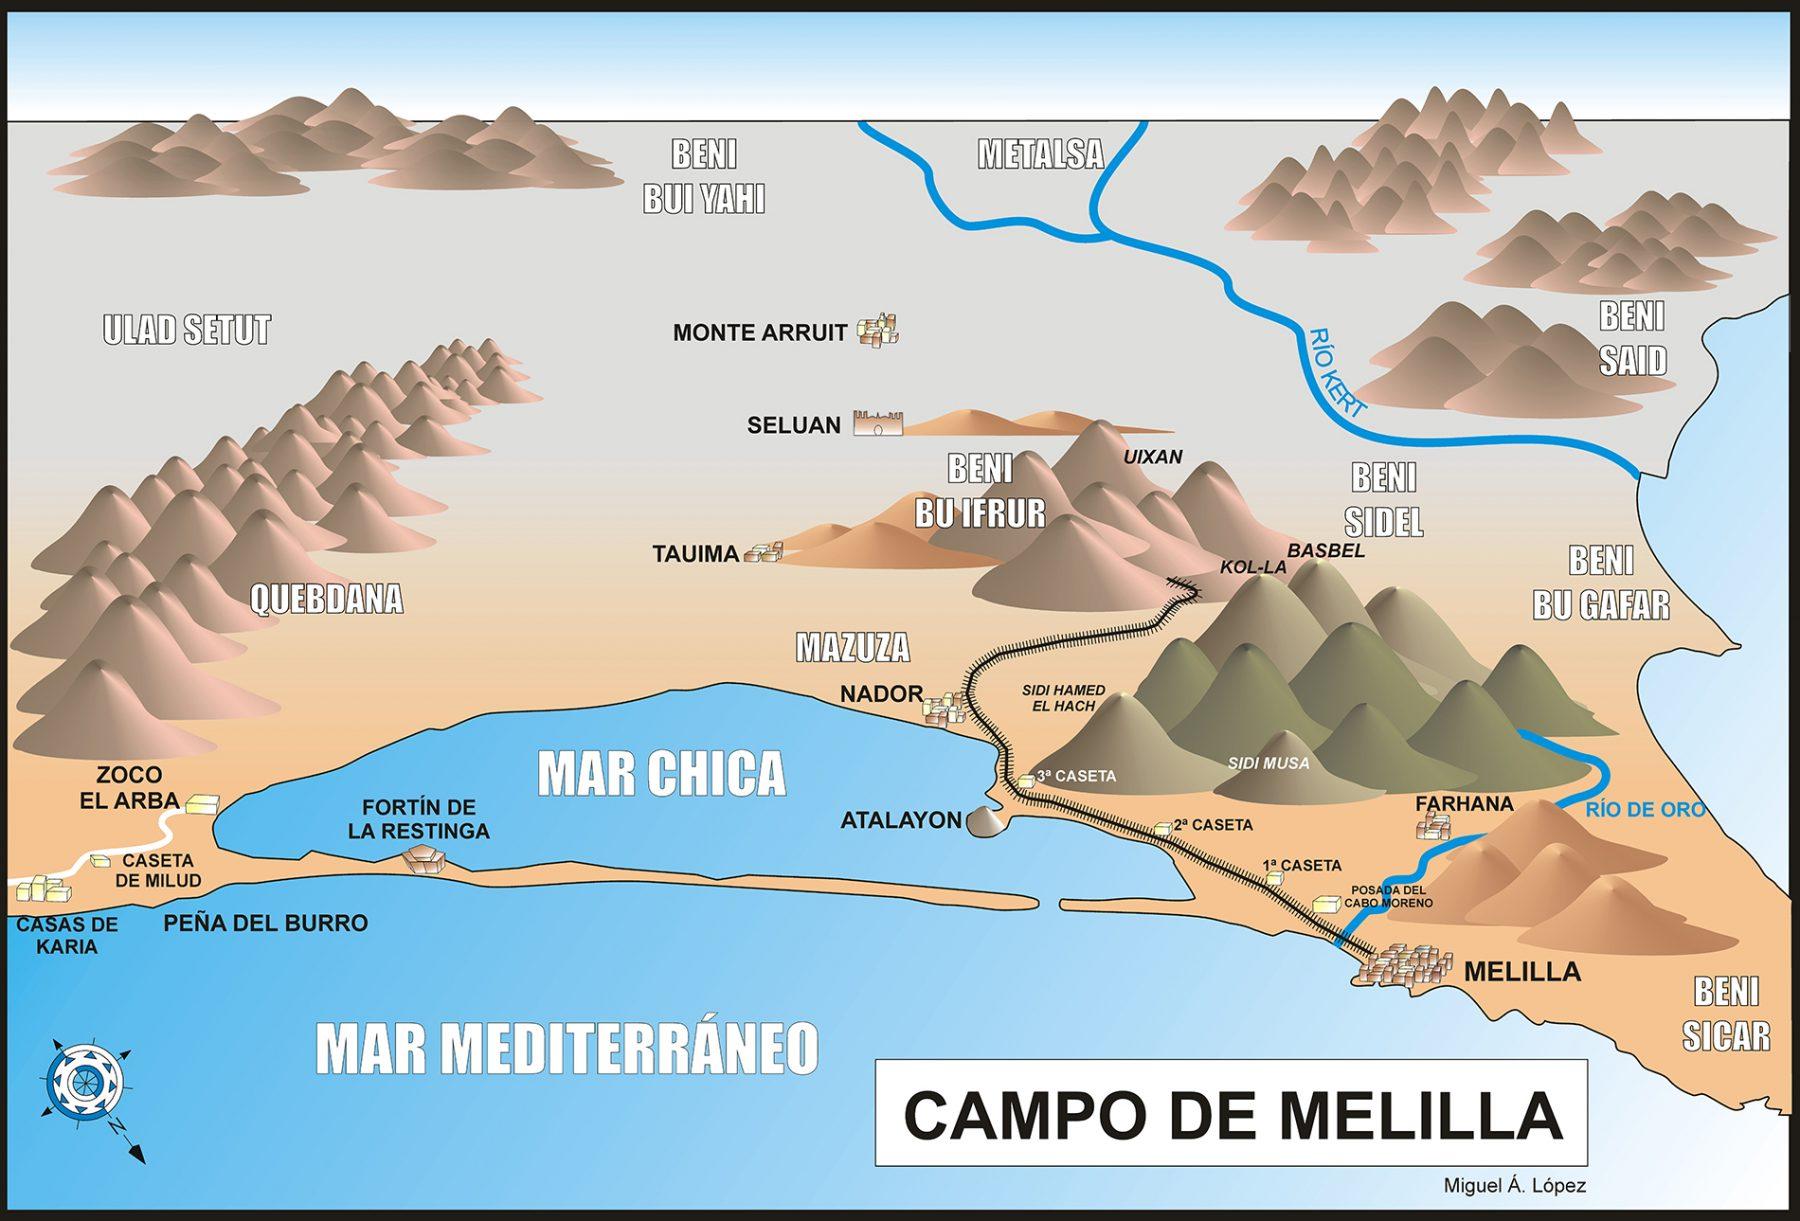 Mapa que muestra el campo de Melilla. Zona marroquí cercana a la ciudad de 1920